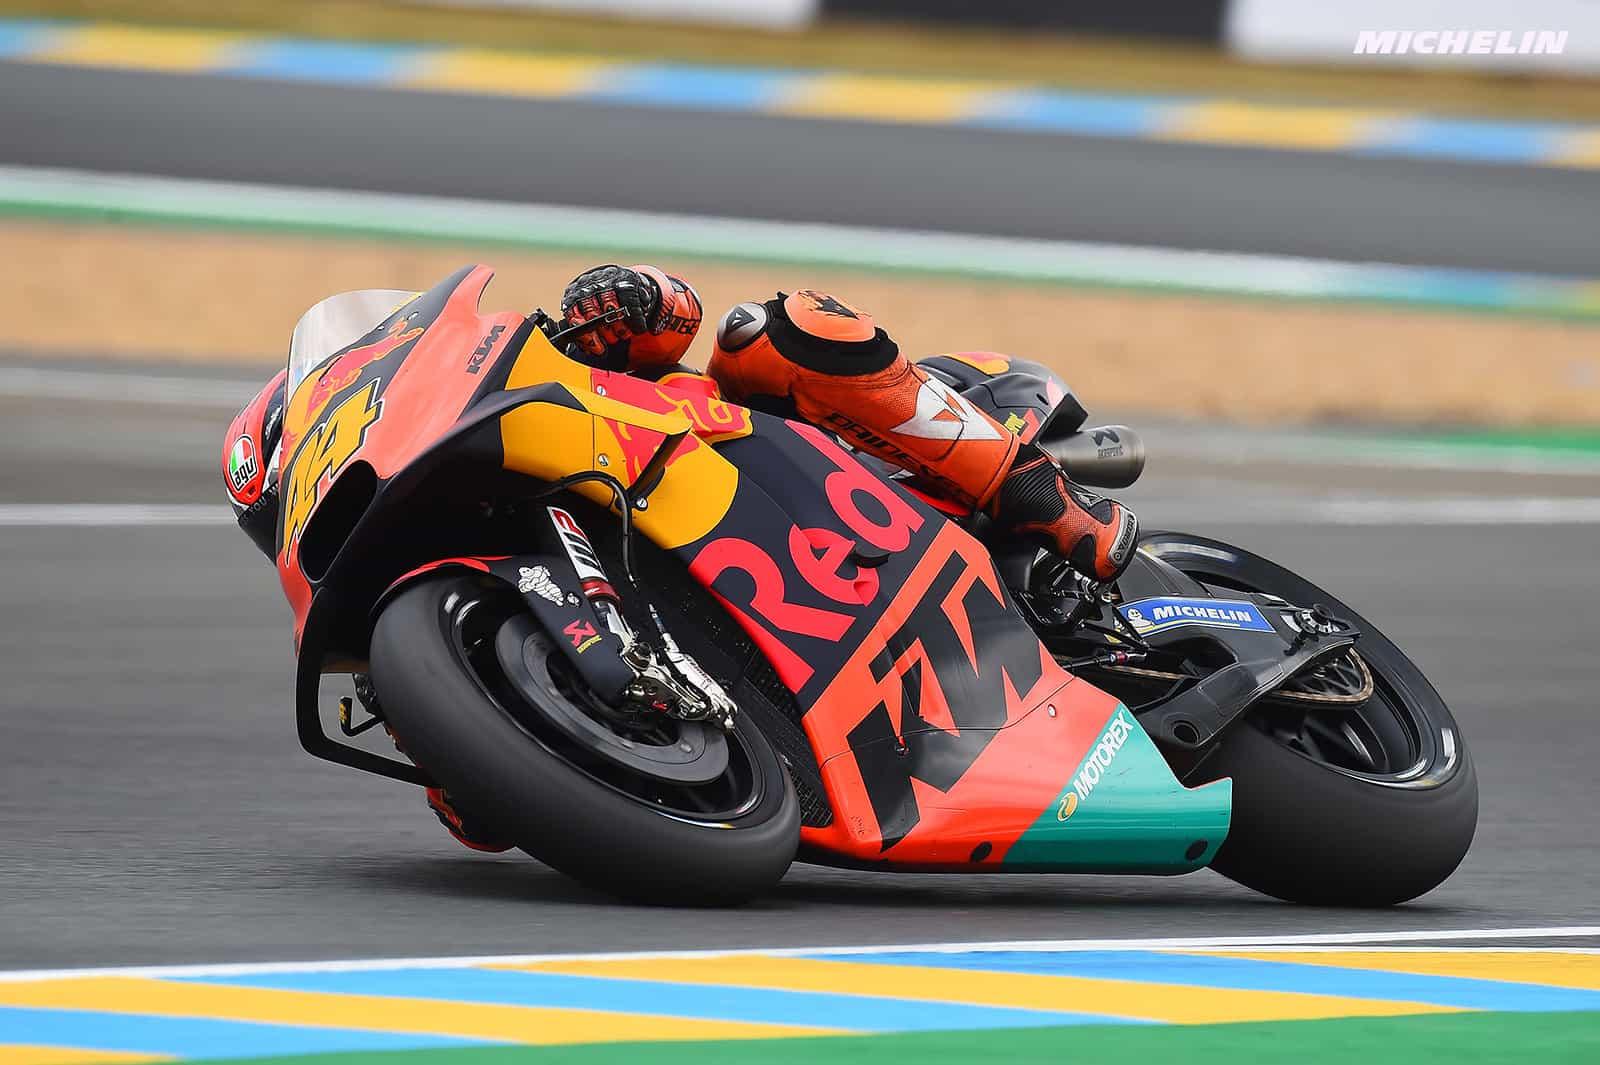 MotoGP2019 KTMが新たに採用したカーボンスイングアームのメリットとは?